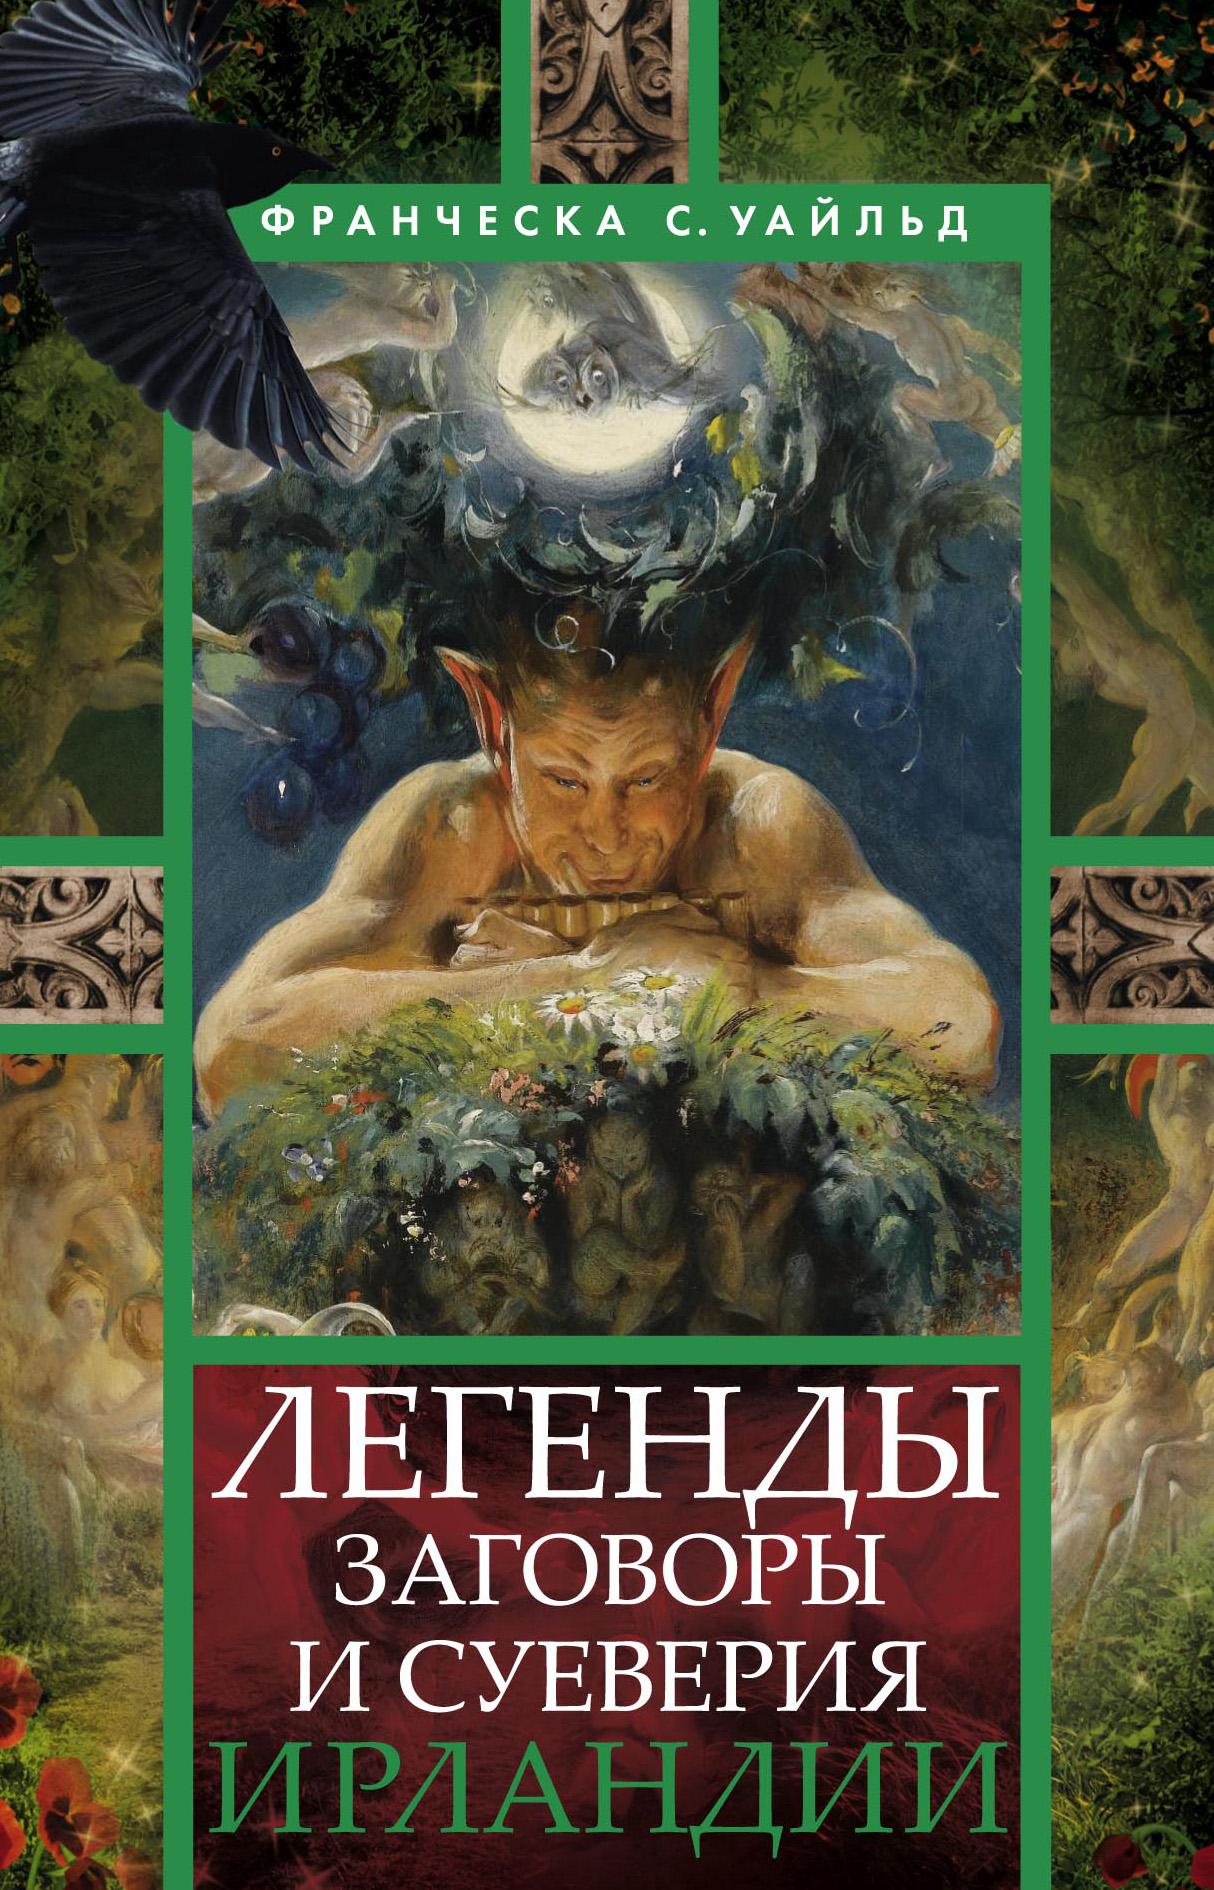 Франческа С. Уайльд Легенды, заговоры и суеверия Ирландии эпосы легенды и сказания садко